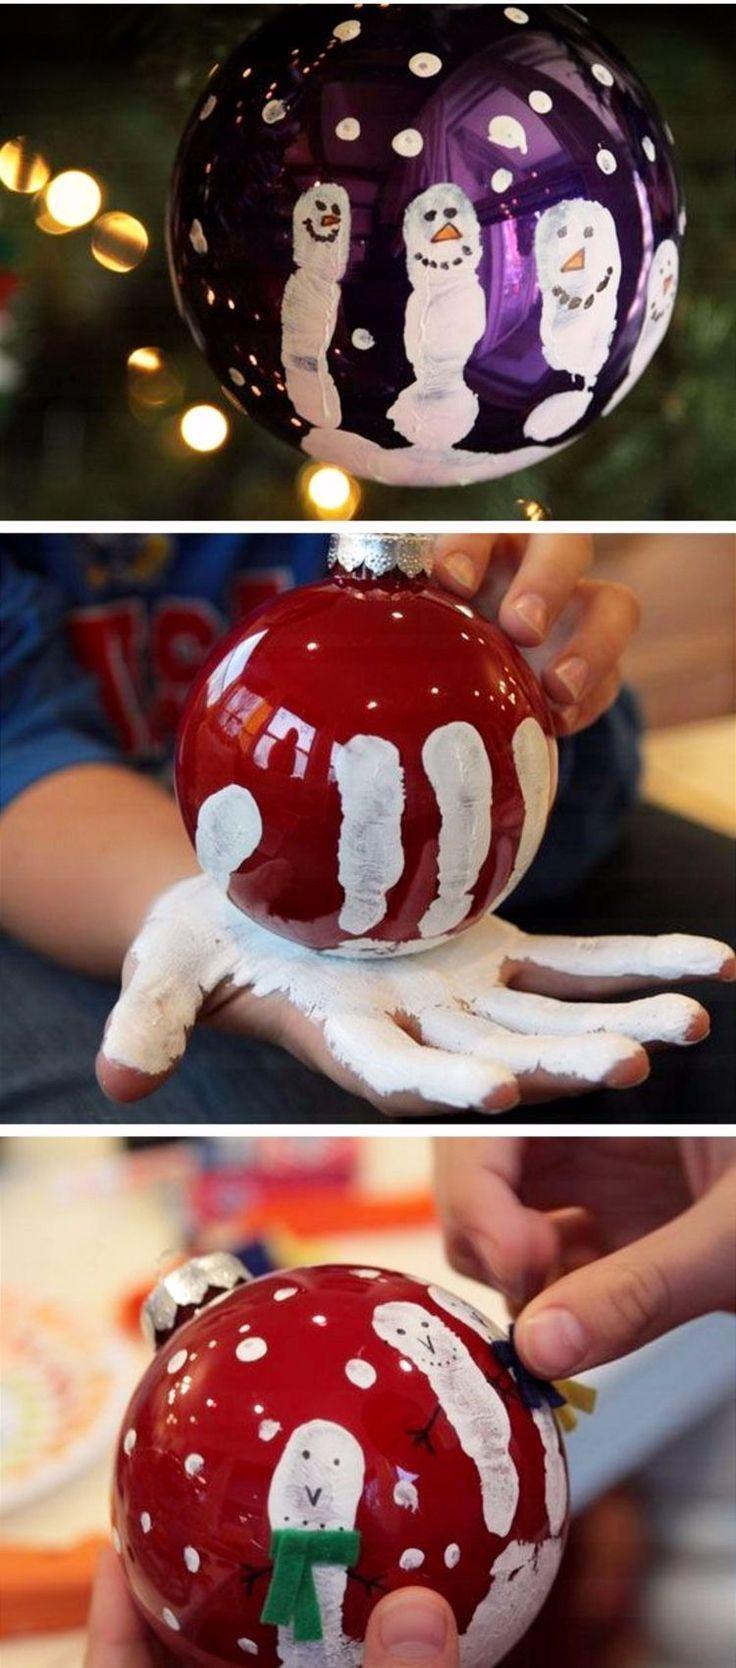 25 + › DIY-Weihnachtshandwerk für Kinder – Einfache Bastelprojekte für Weihnachten 2019